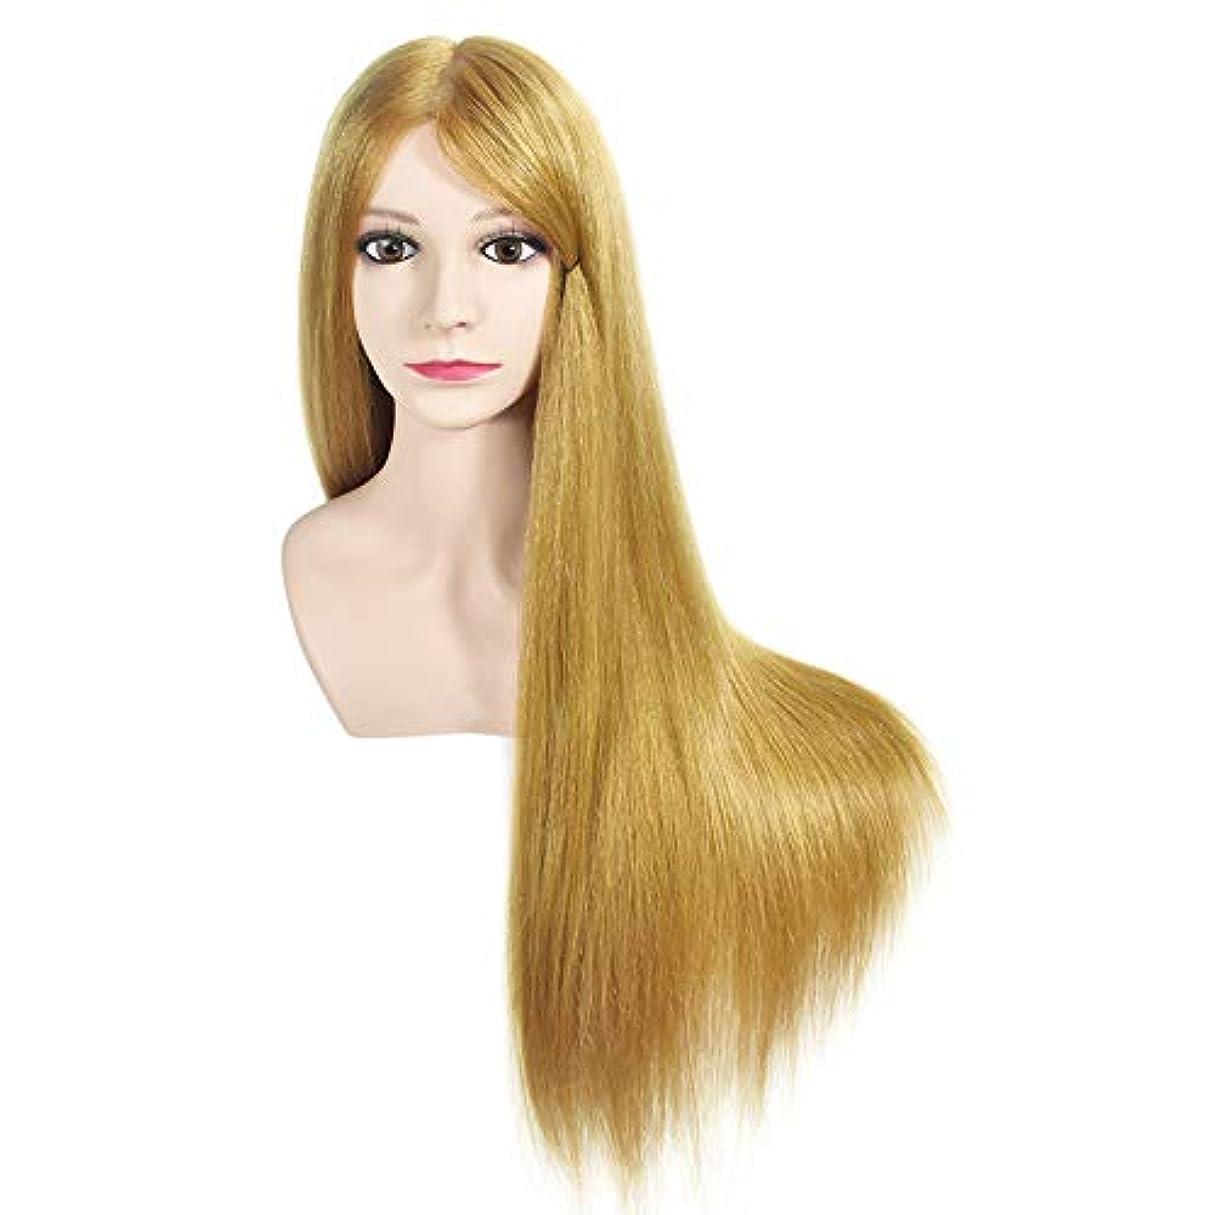 クラブ拡散する生き返らせるサロンヘアブレイド理髪指導ヘッドスタイリング散髪ダミーヘッド化粧学習ショルダーマネキンヘッド